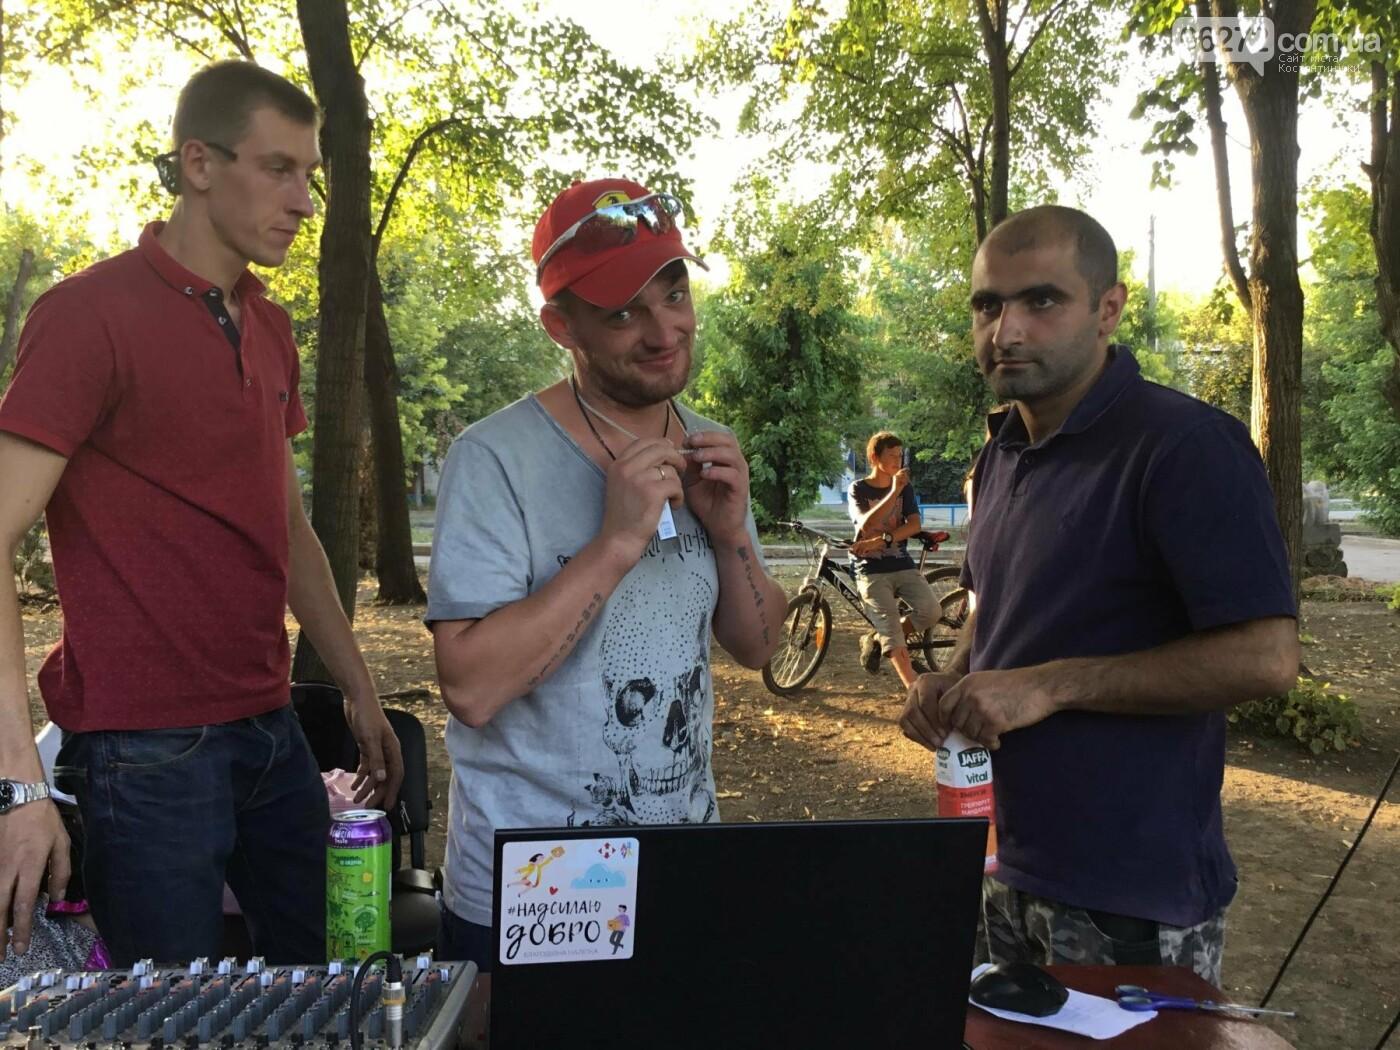 Вчера в Константиновке состоялся благотворительный праздник для детей (видео), фото-8